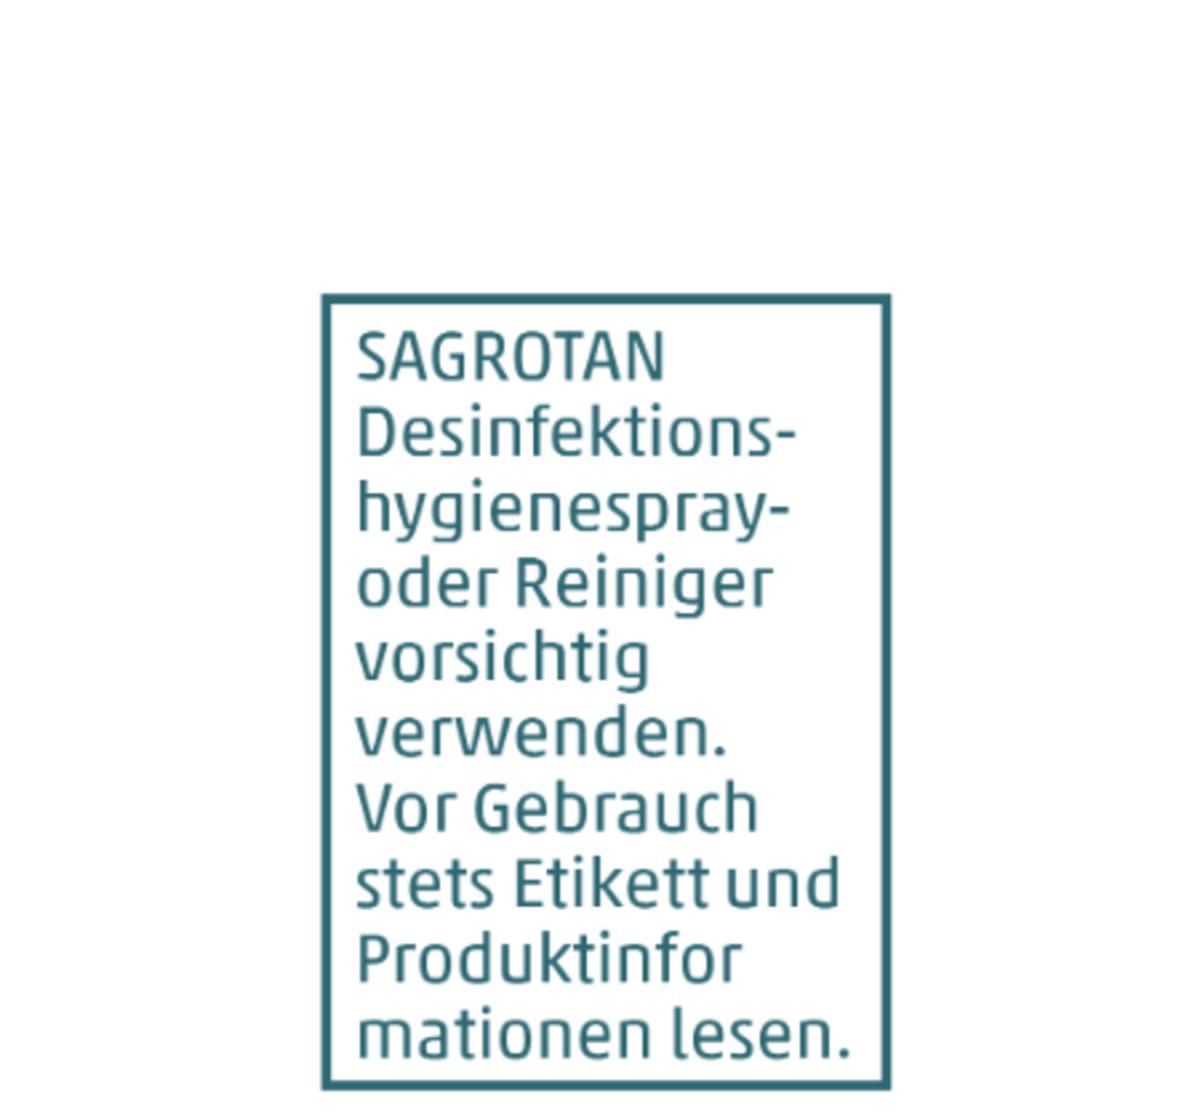 Bild 4 von SAGROTAN Desinfektionshygienespray oder Desinfektions-Reiniger